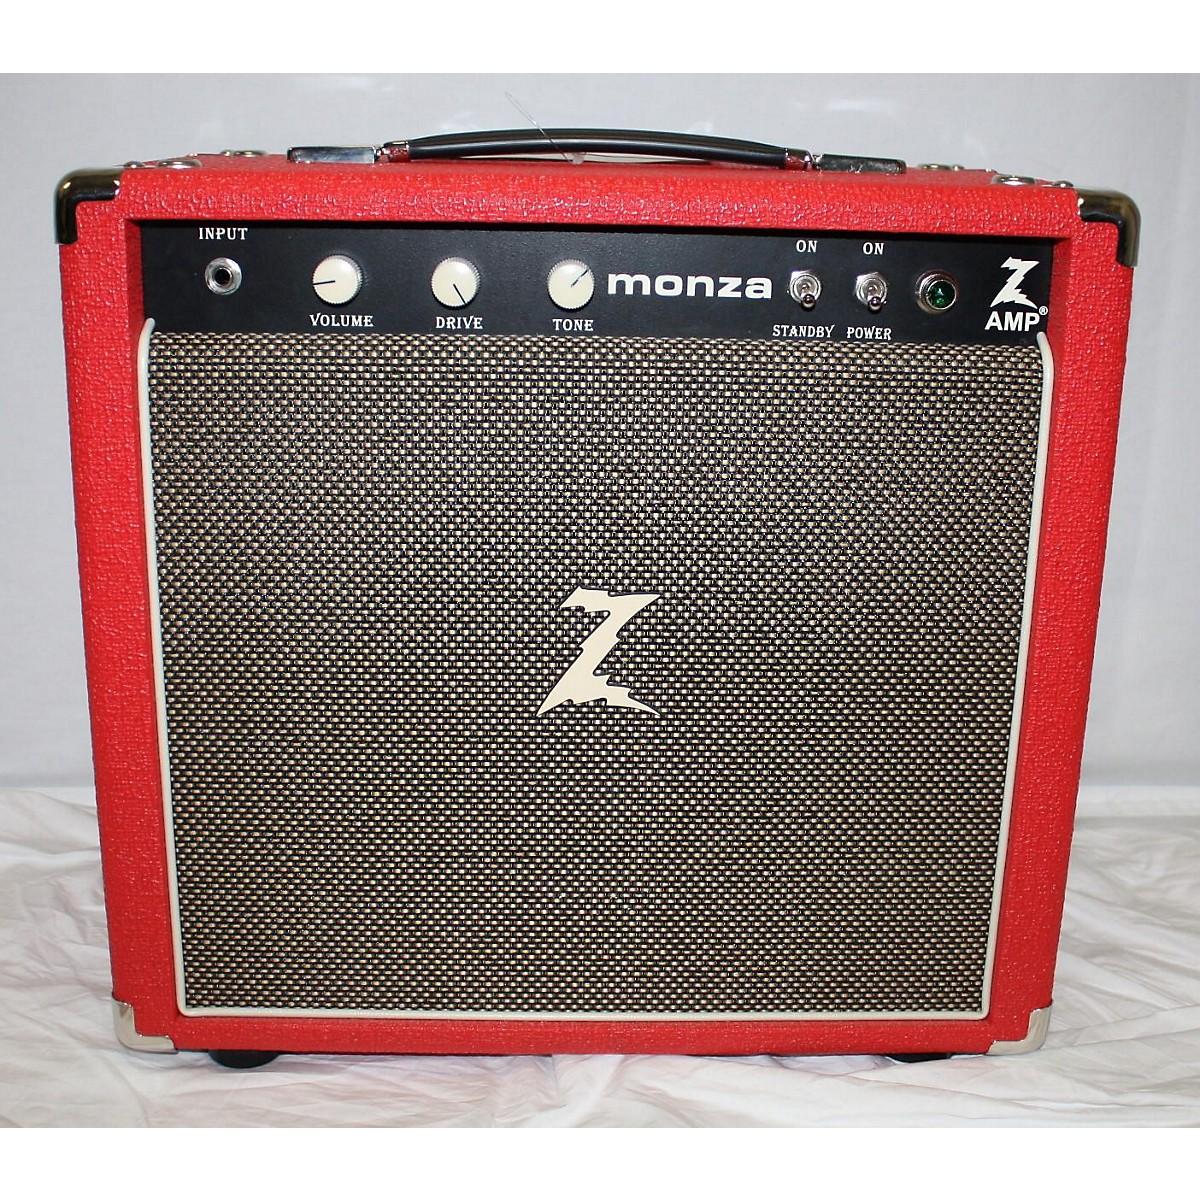 Dr Z 2010 ZA-30 Monza With Brake Lite Attenuator Tube Guitar Combo Amp